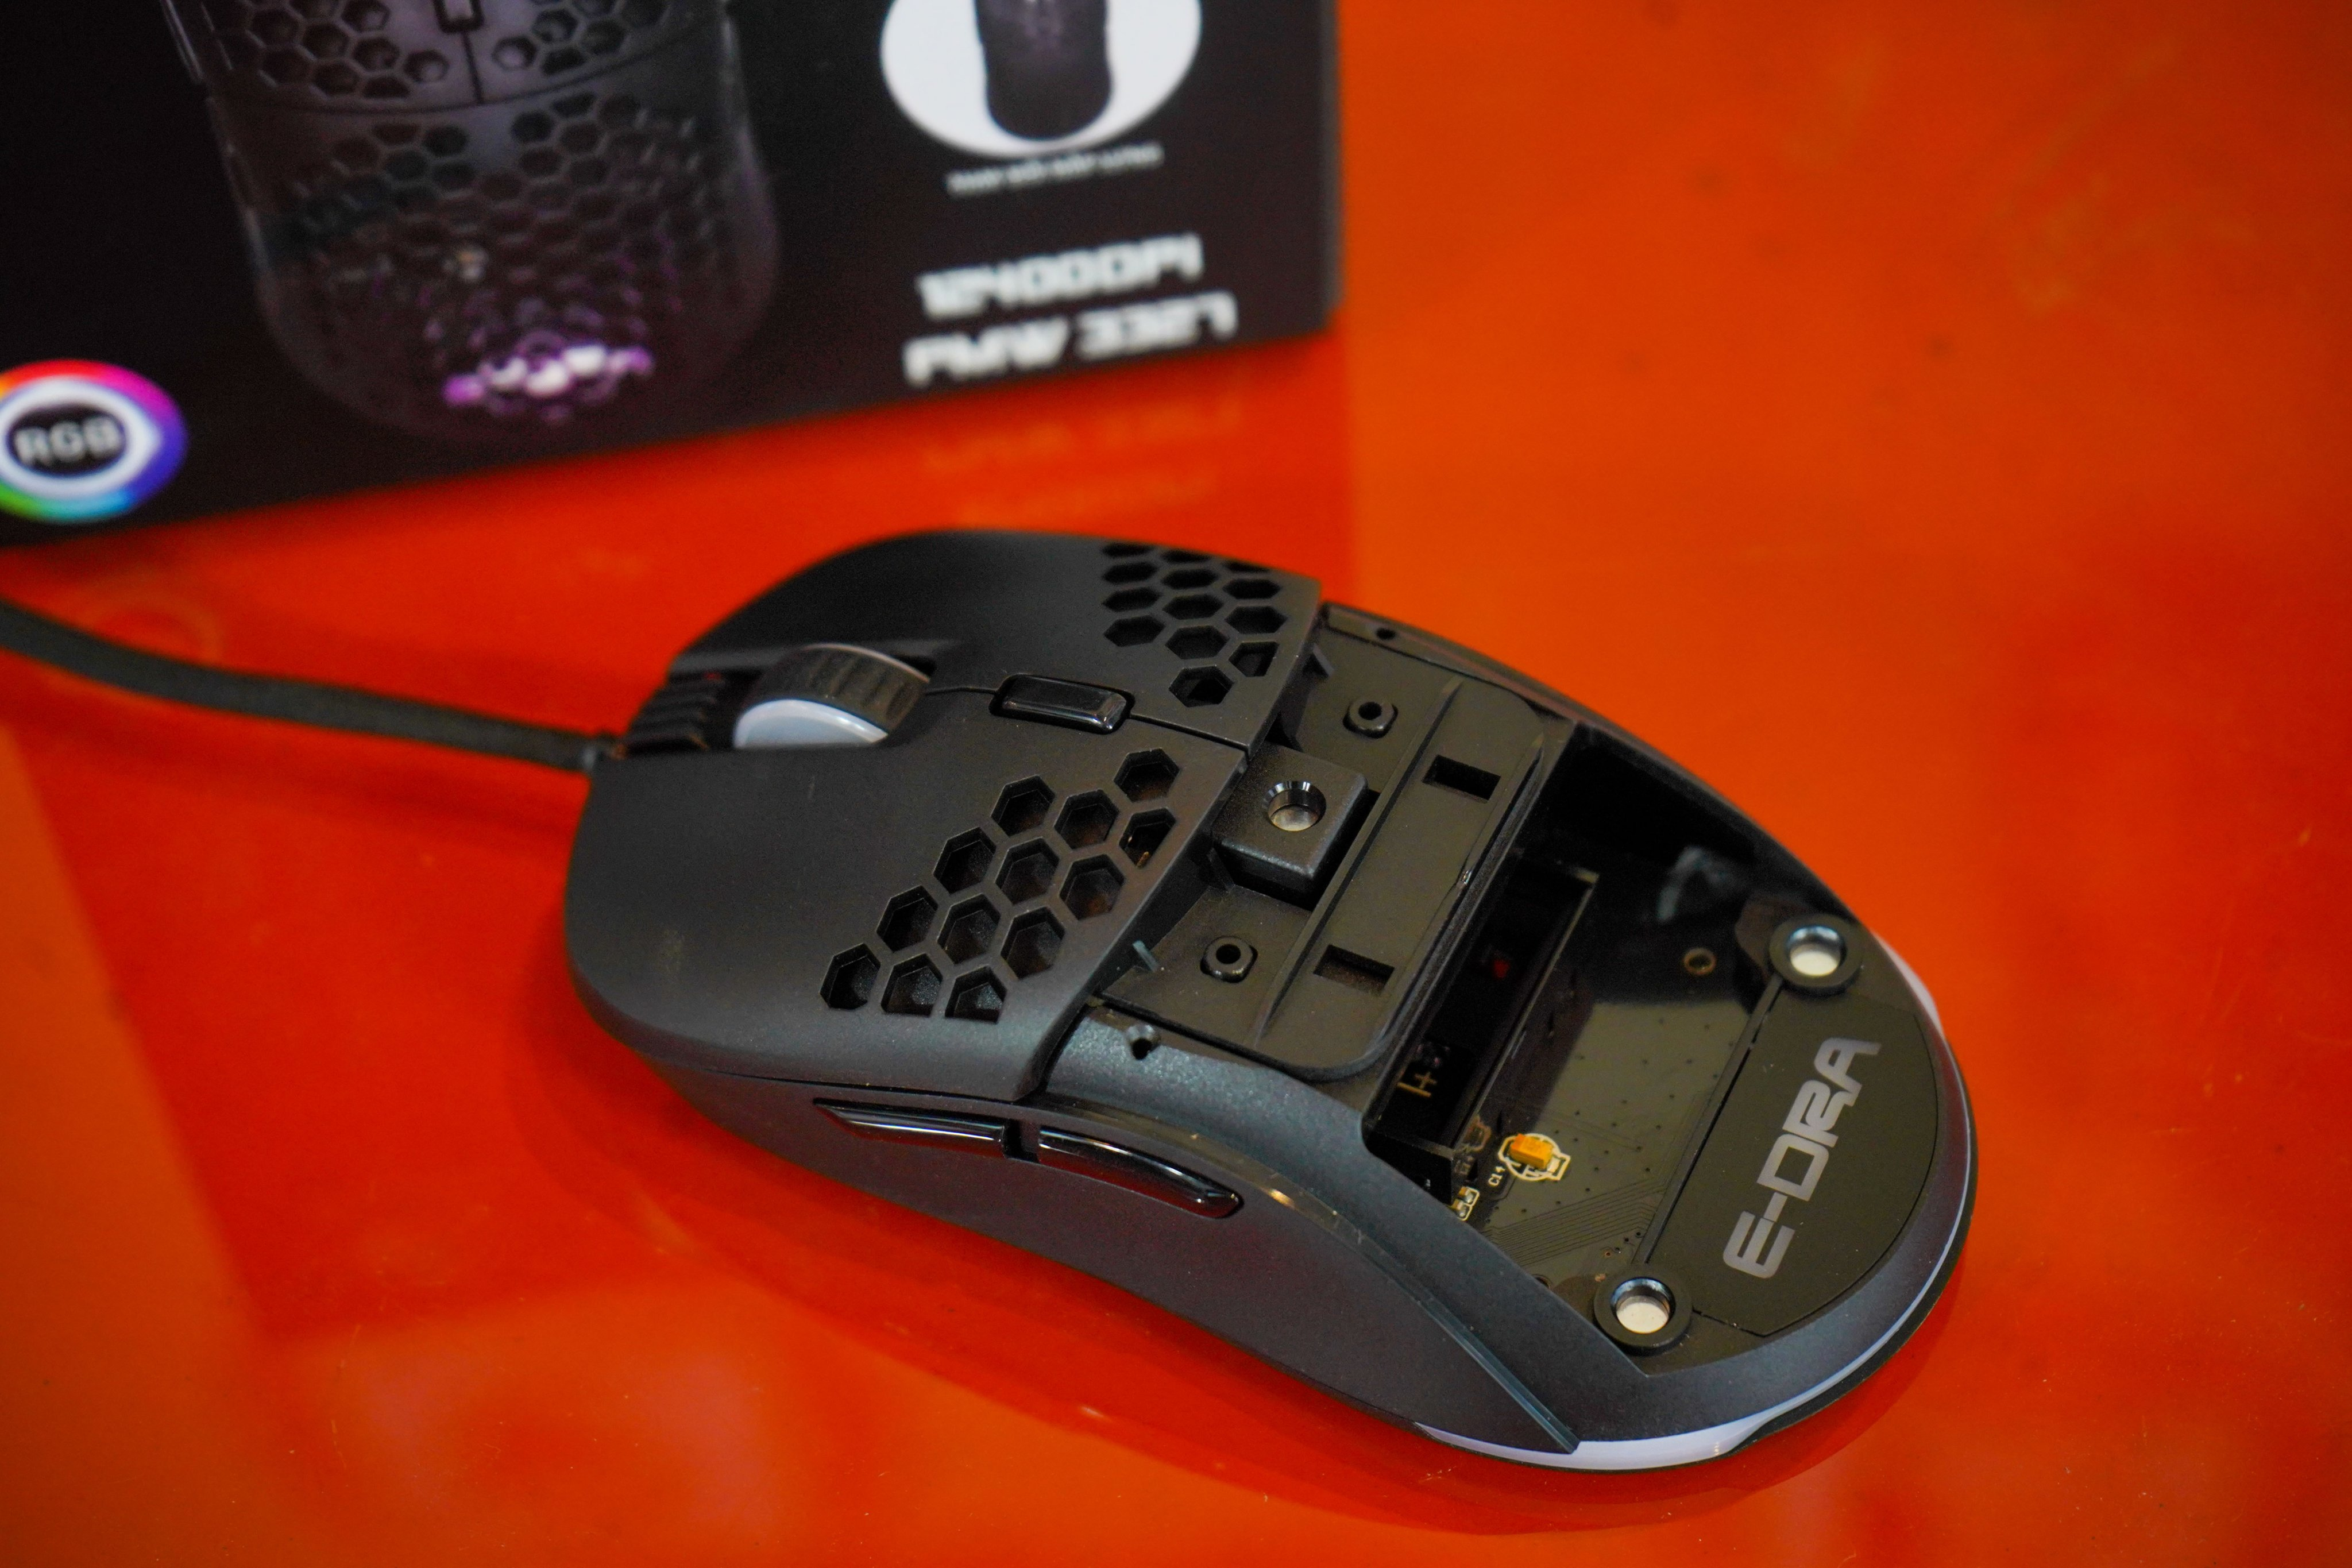 Chuột gaming E-DRA EM618 Led RGB - Hàng chính hãng